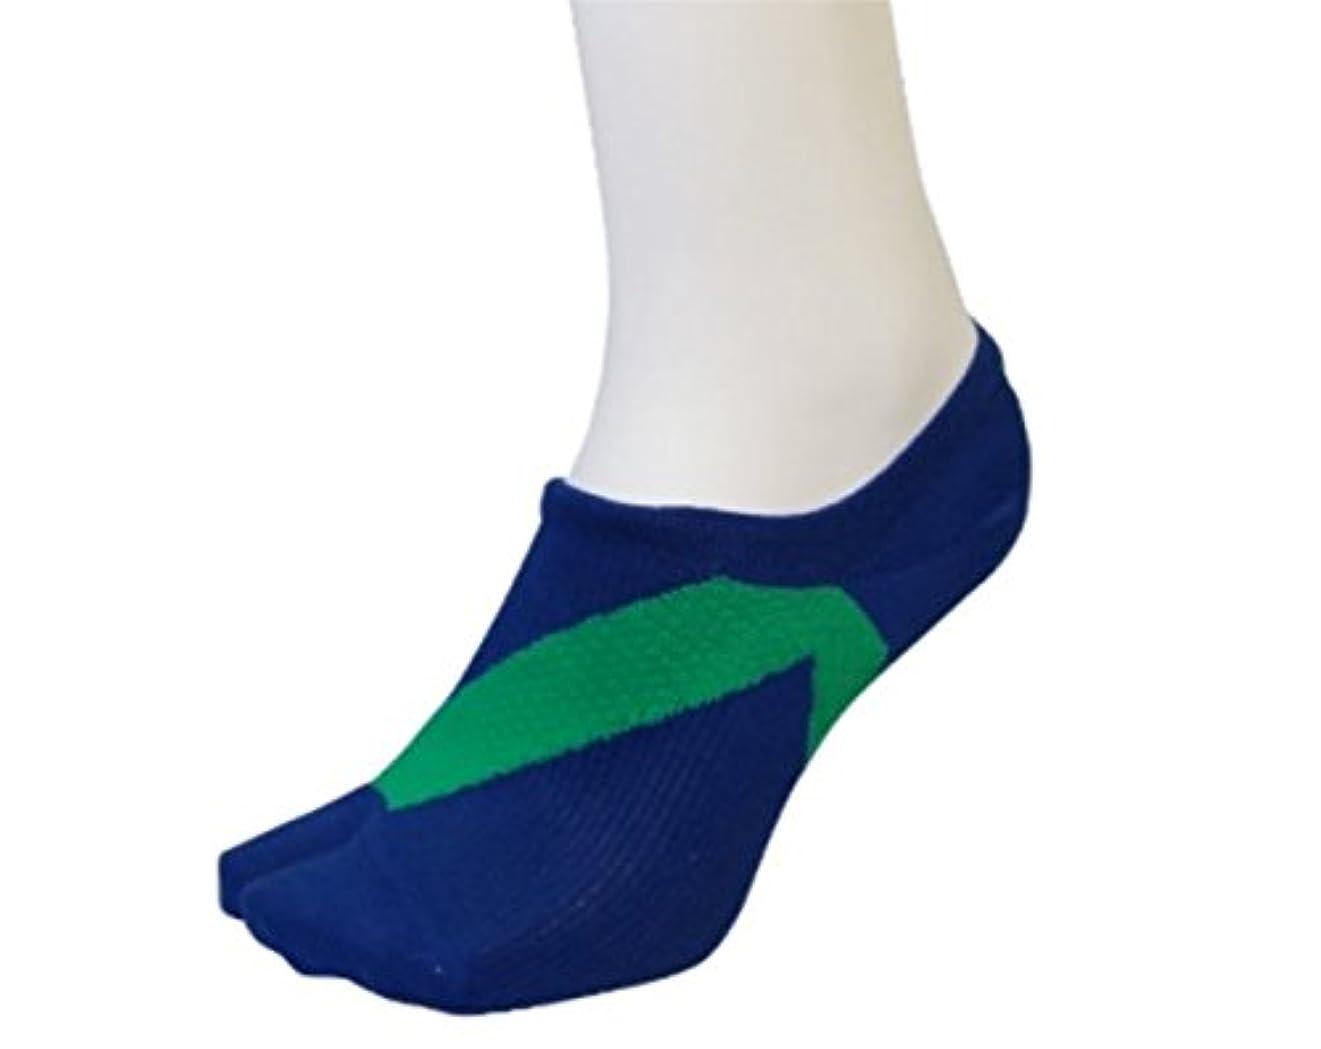 復活退屈なまださとう式 フレクサーソックス スニーカータイプ 紺緑 (S) 足袋型